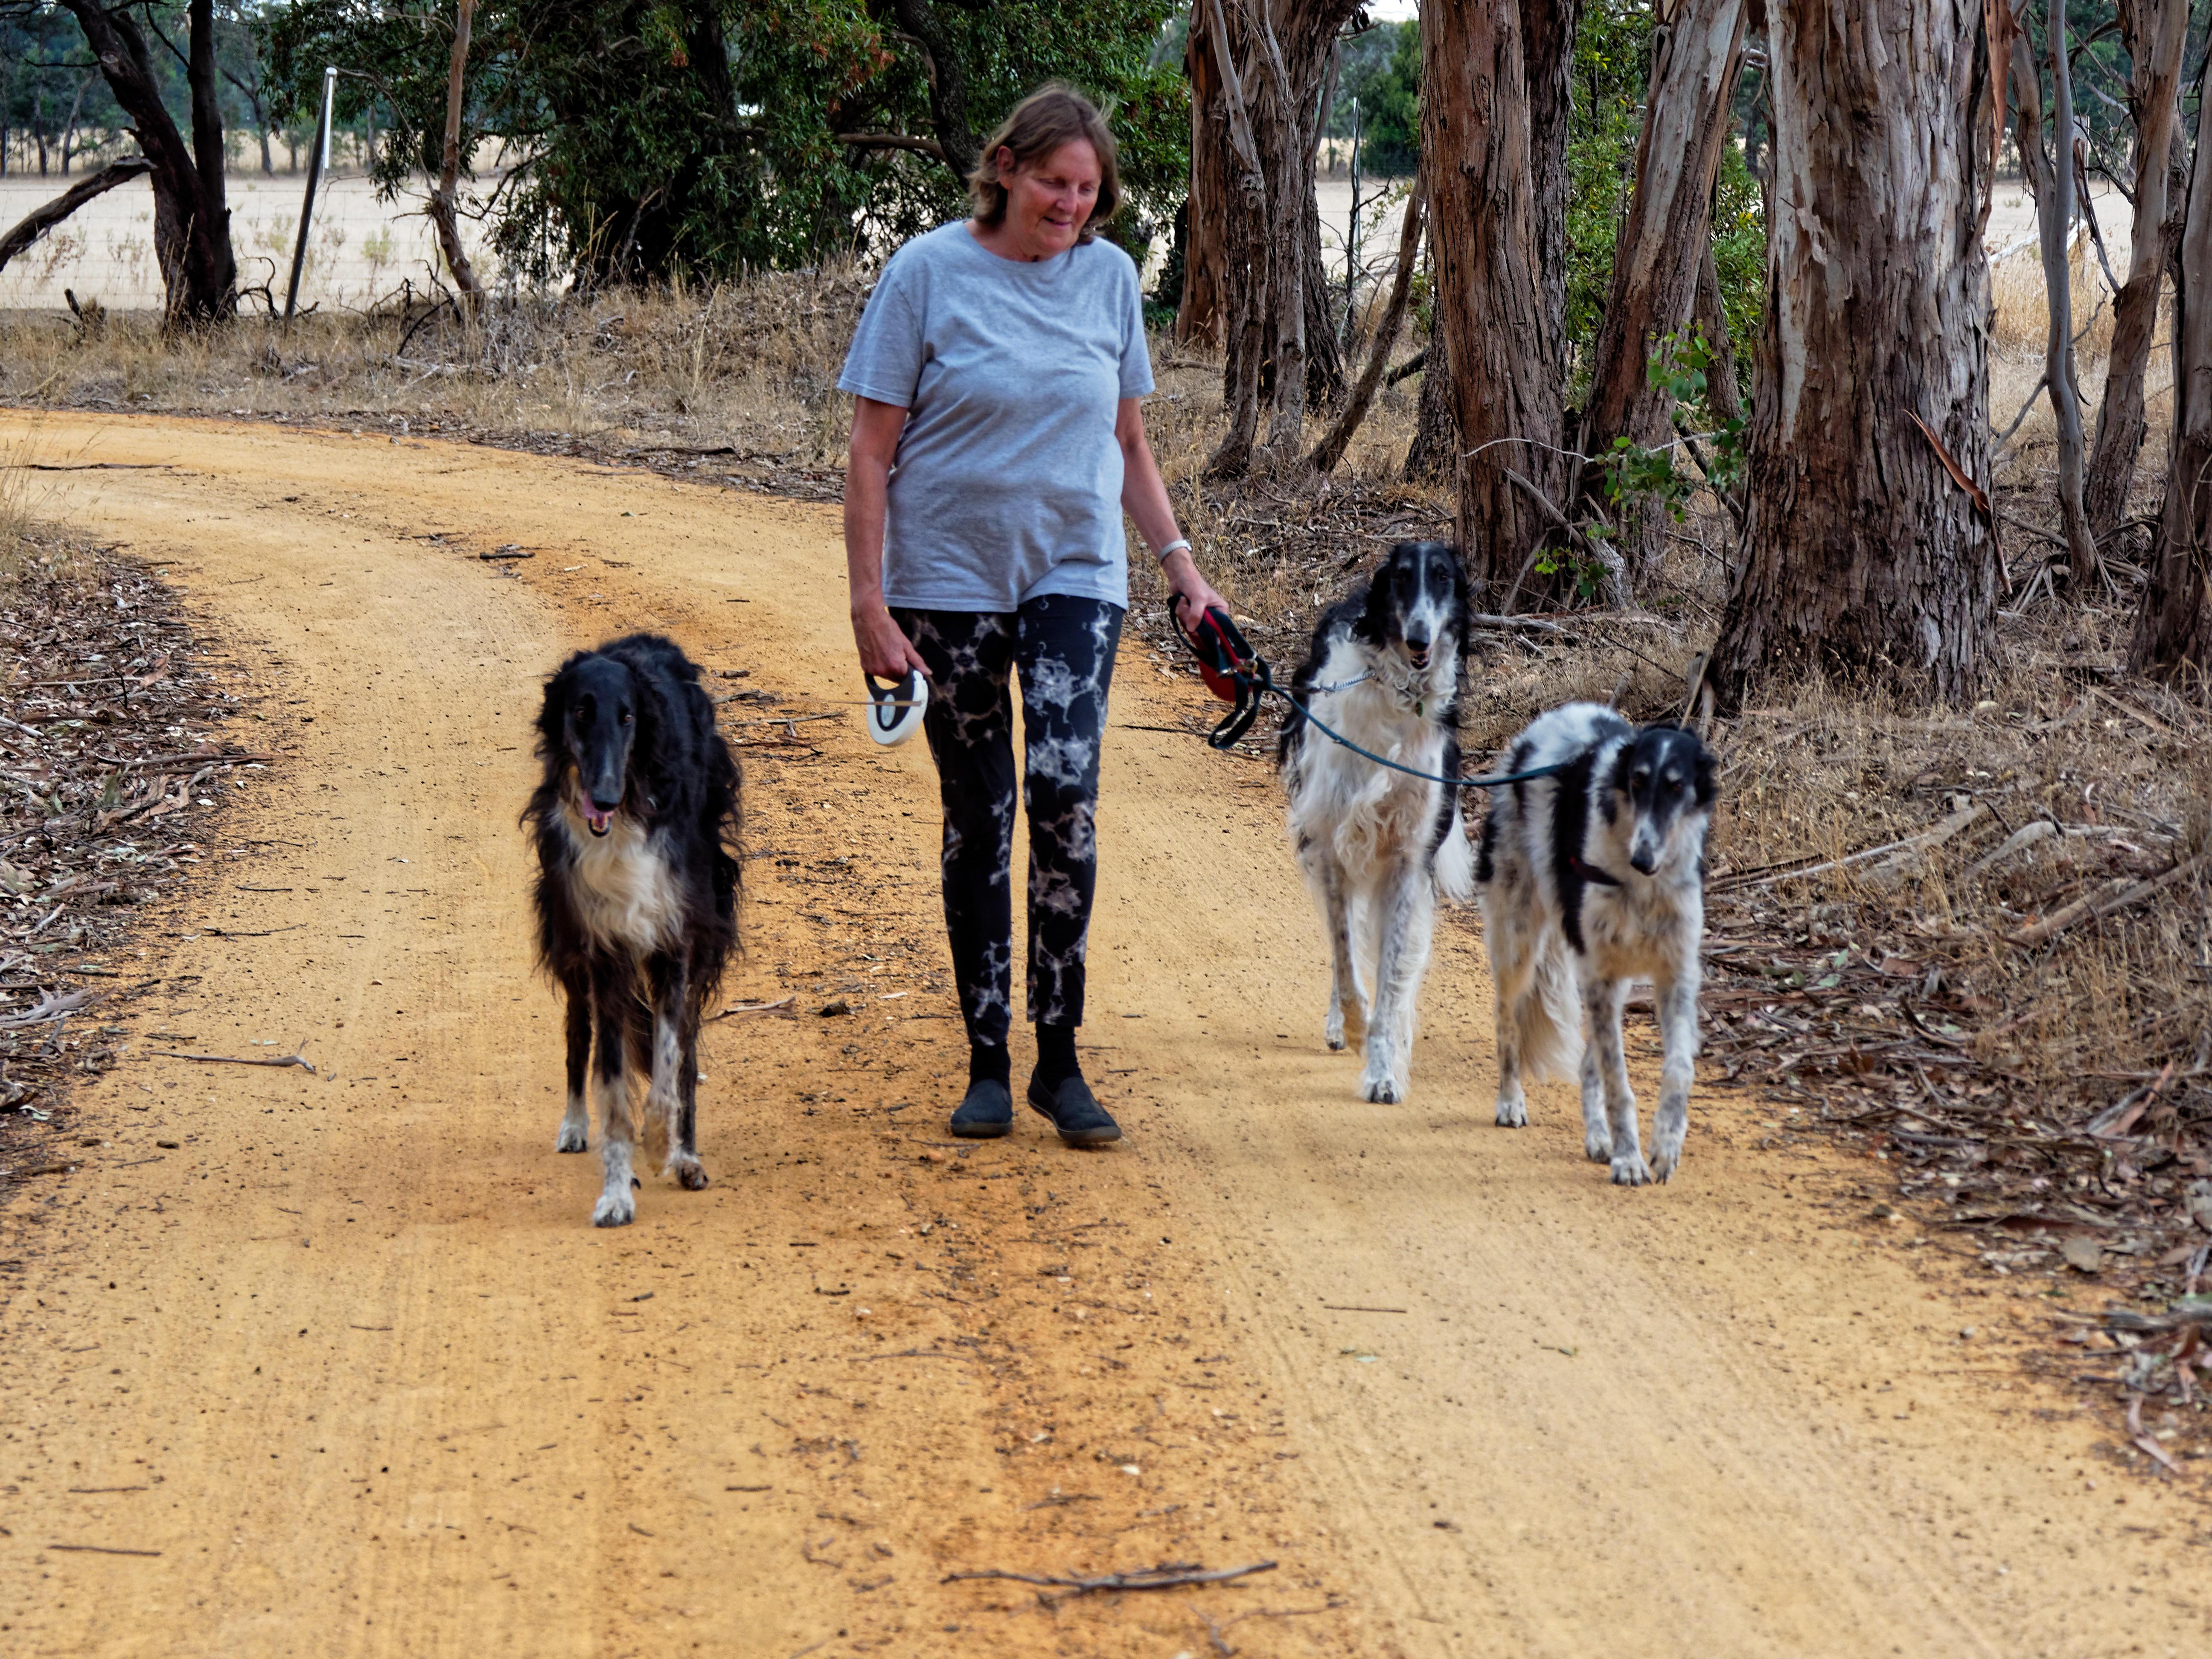 Walking-dogs-122.jpeg